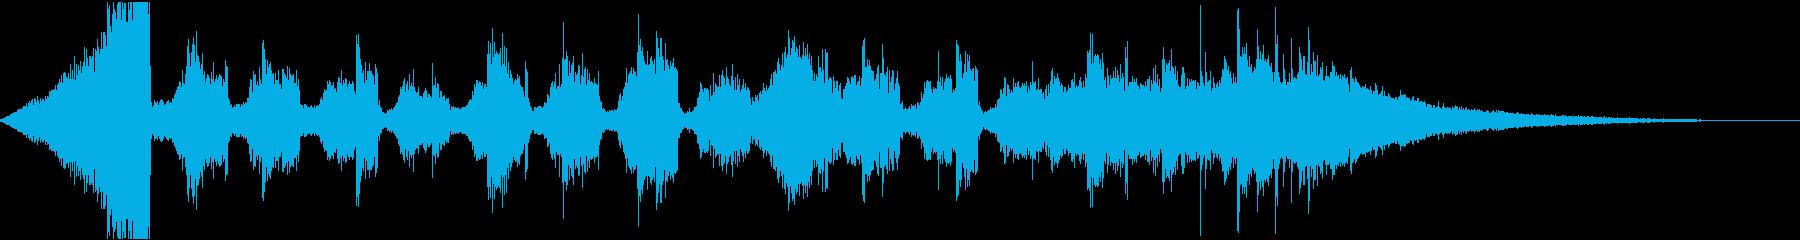 チルアウトおしゃれなトロピカルハウスfの再生済みの波形